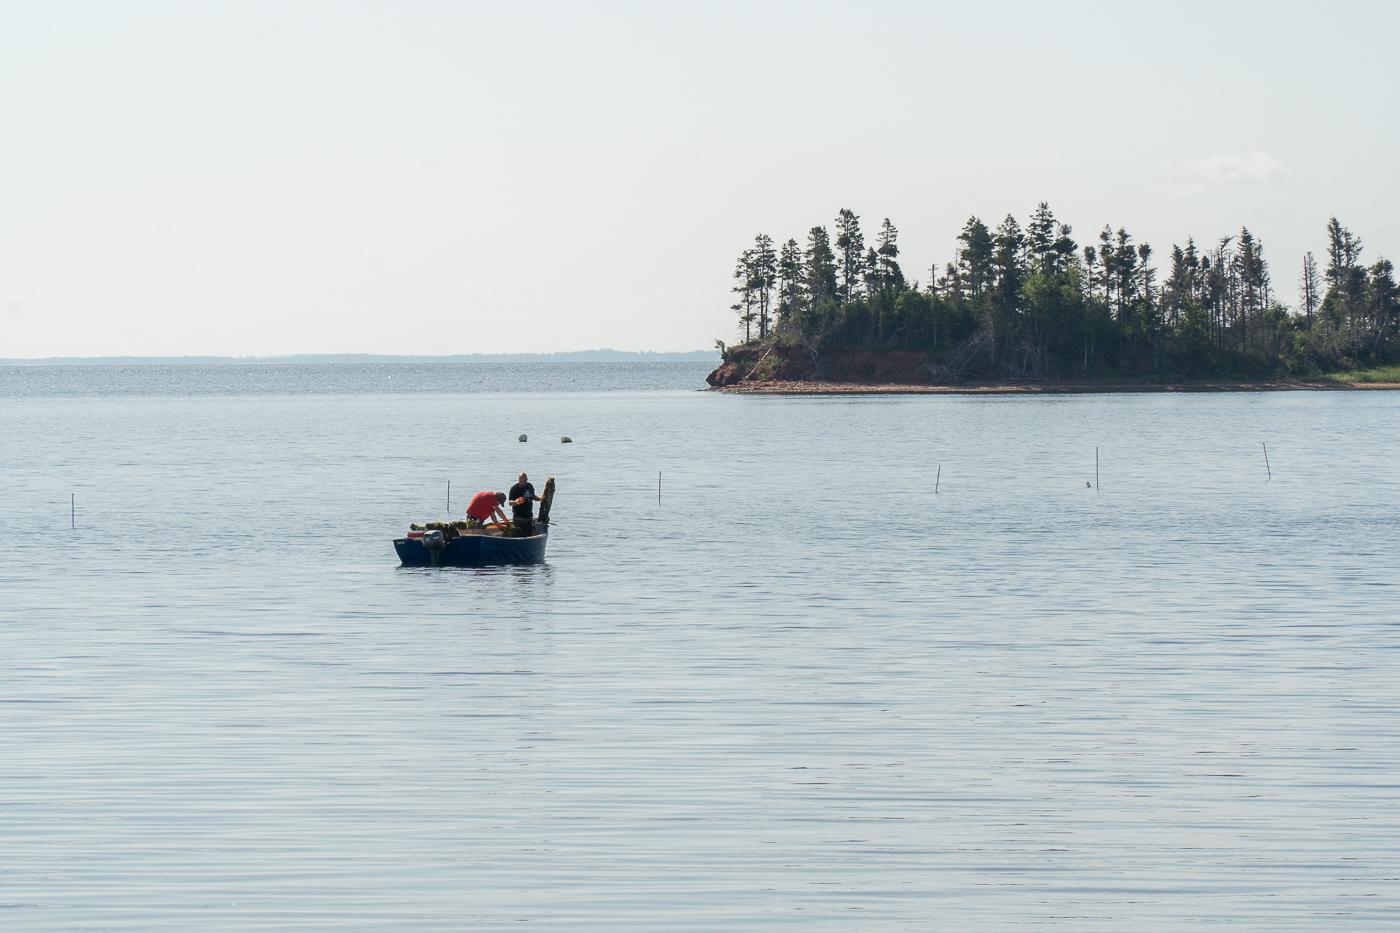 Pêcheurs mariculteurs sur L'eau - Sortie à faire à l'Île-du-Prince-Édouard